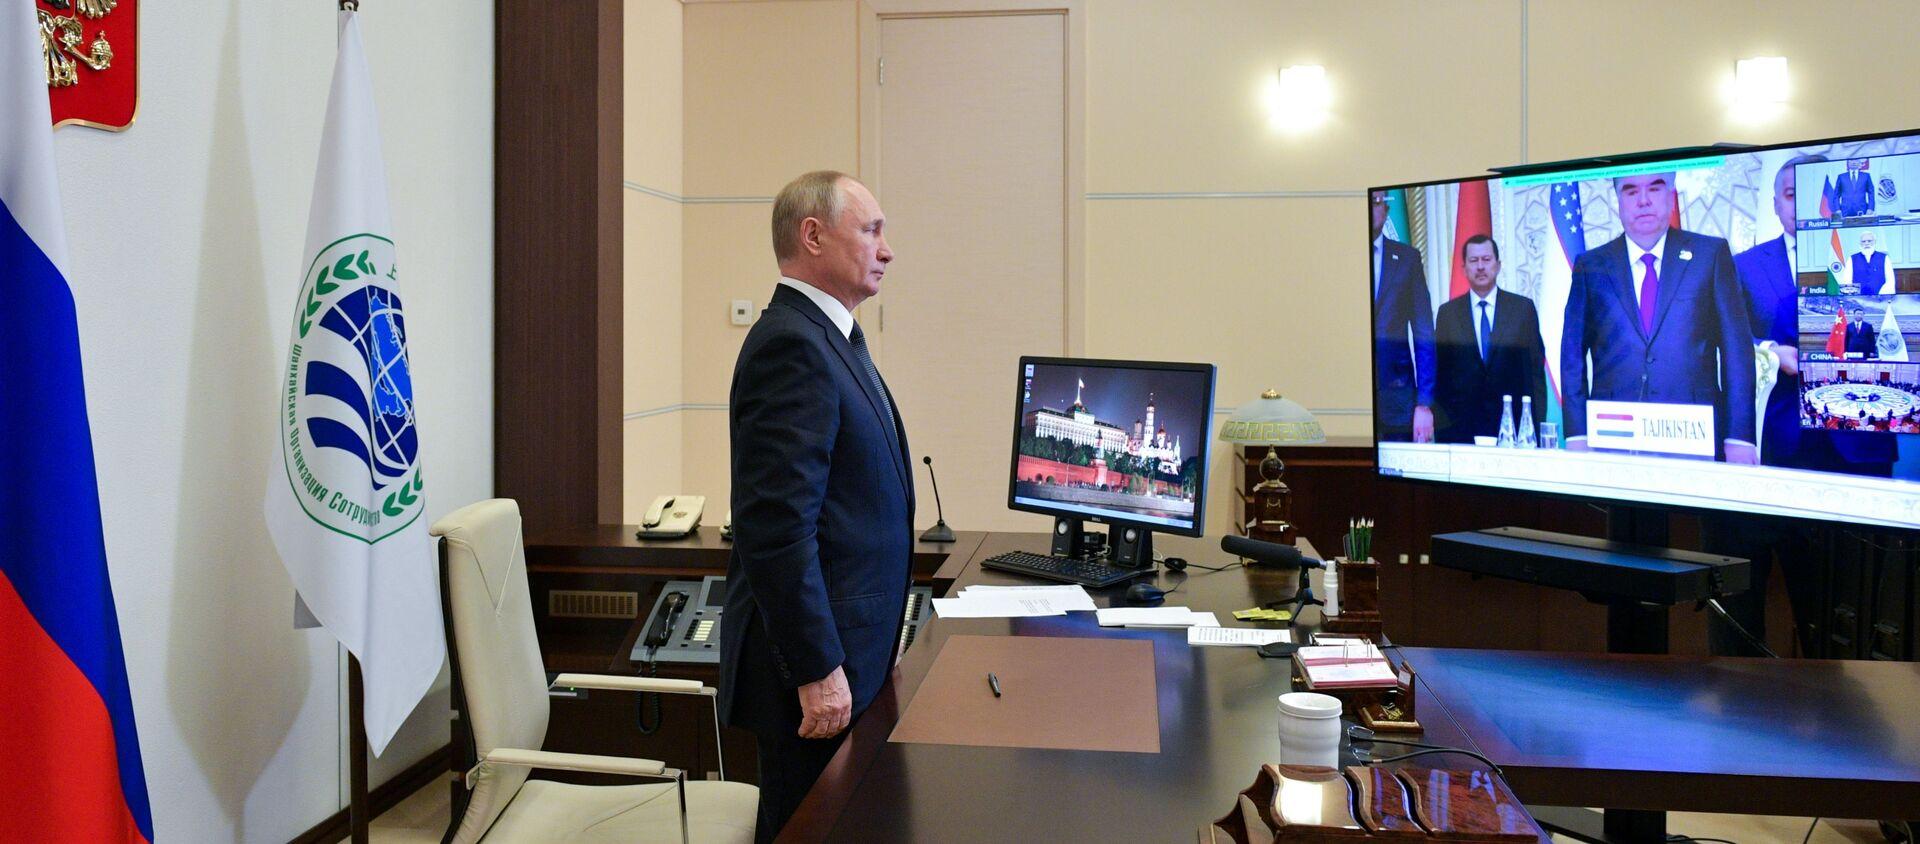 Президент РФ В. Путин по видеосвязи принял участие в заседании Совета глав государств - членов ШОС - Sputnik Южная Осетия, 1920, 17.09.2021